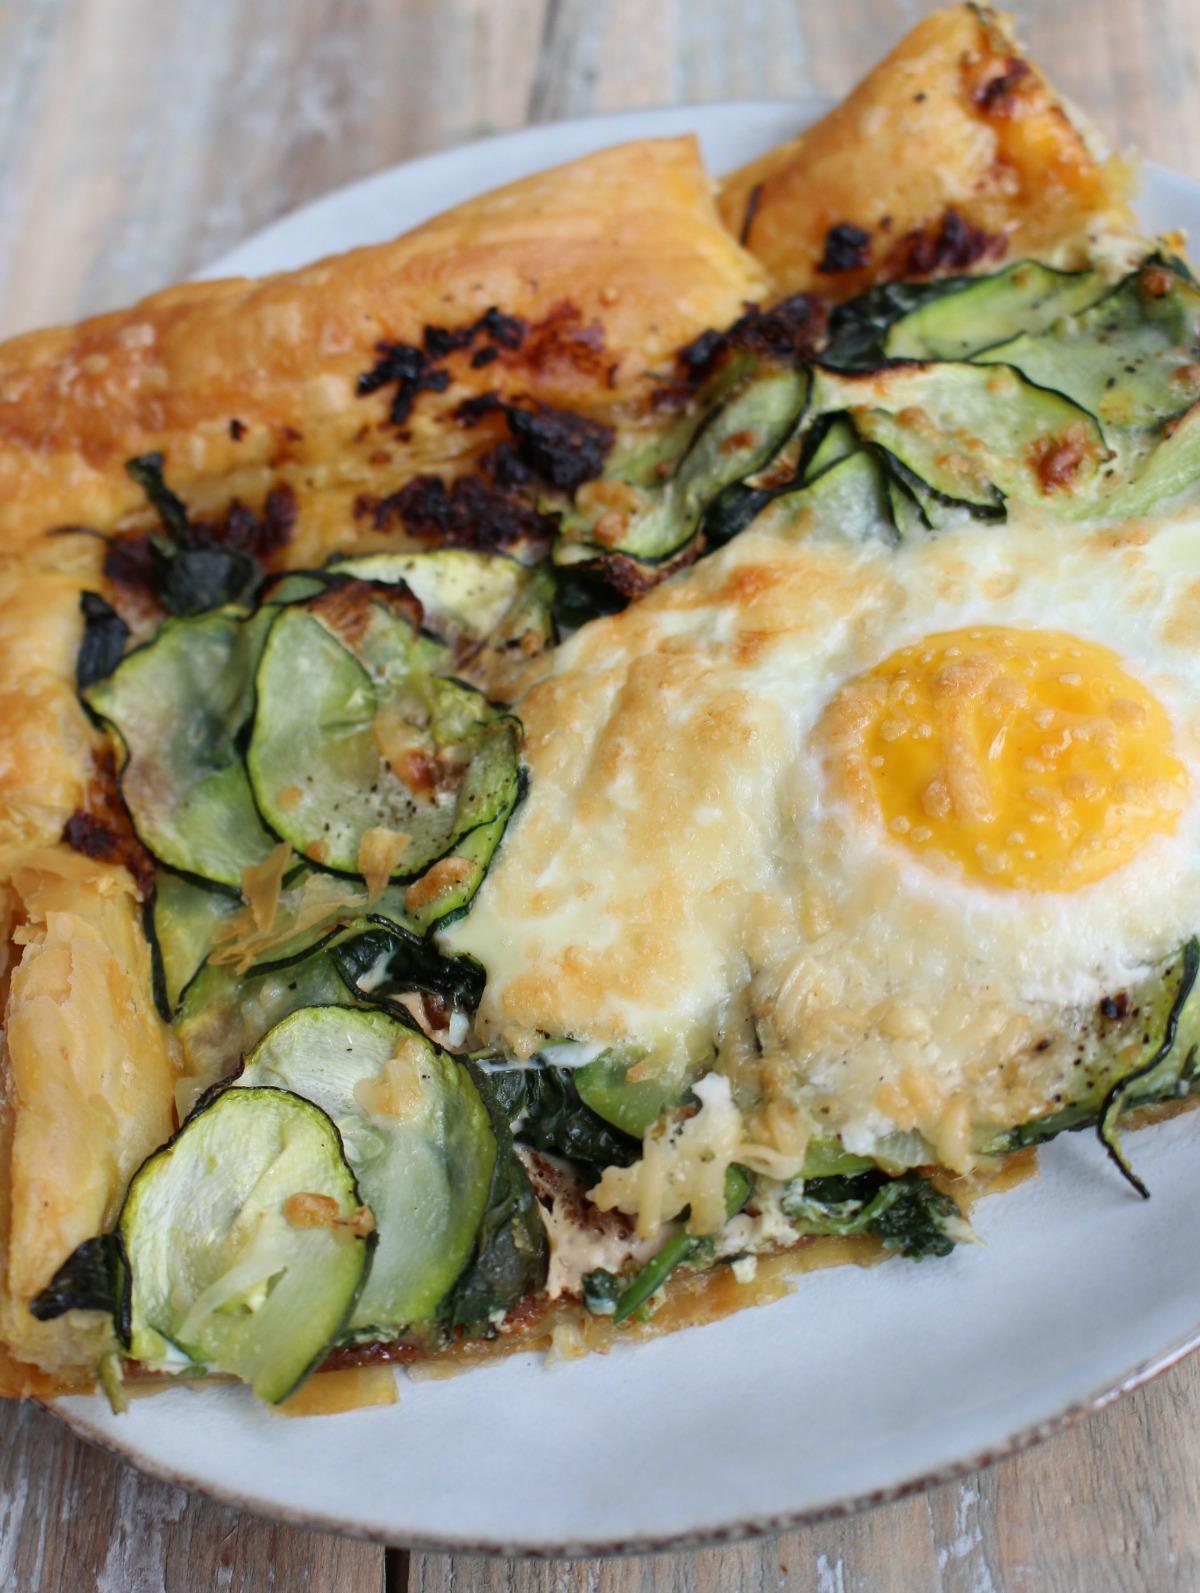 Plaattaart met courgette, spinazie en ei